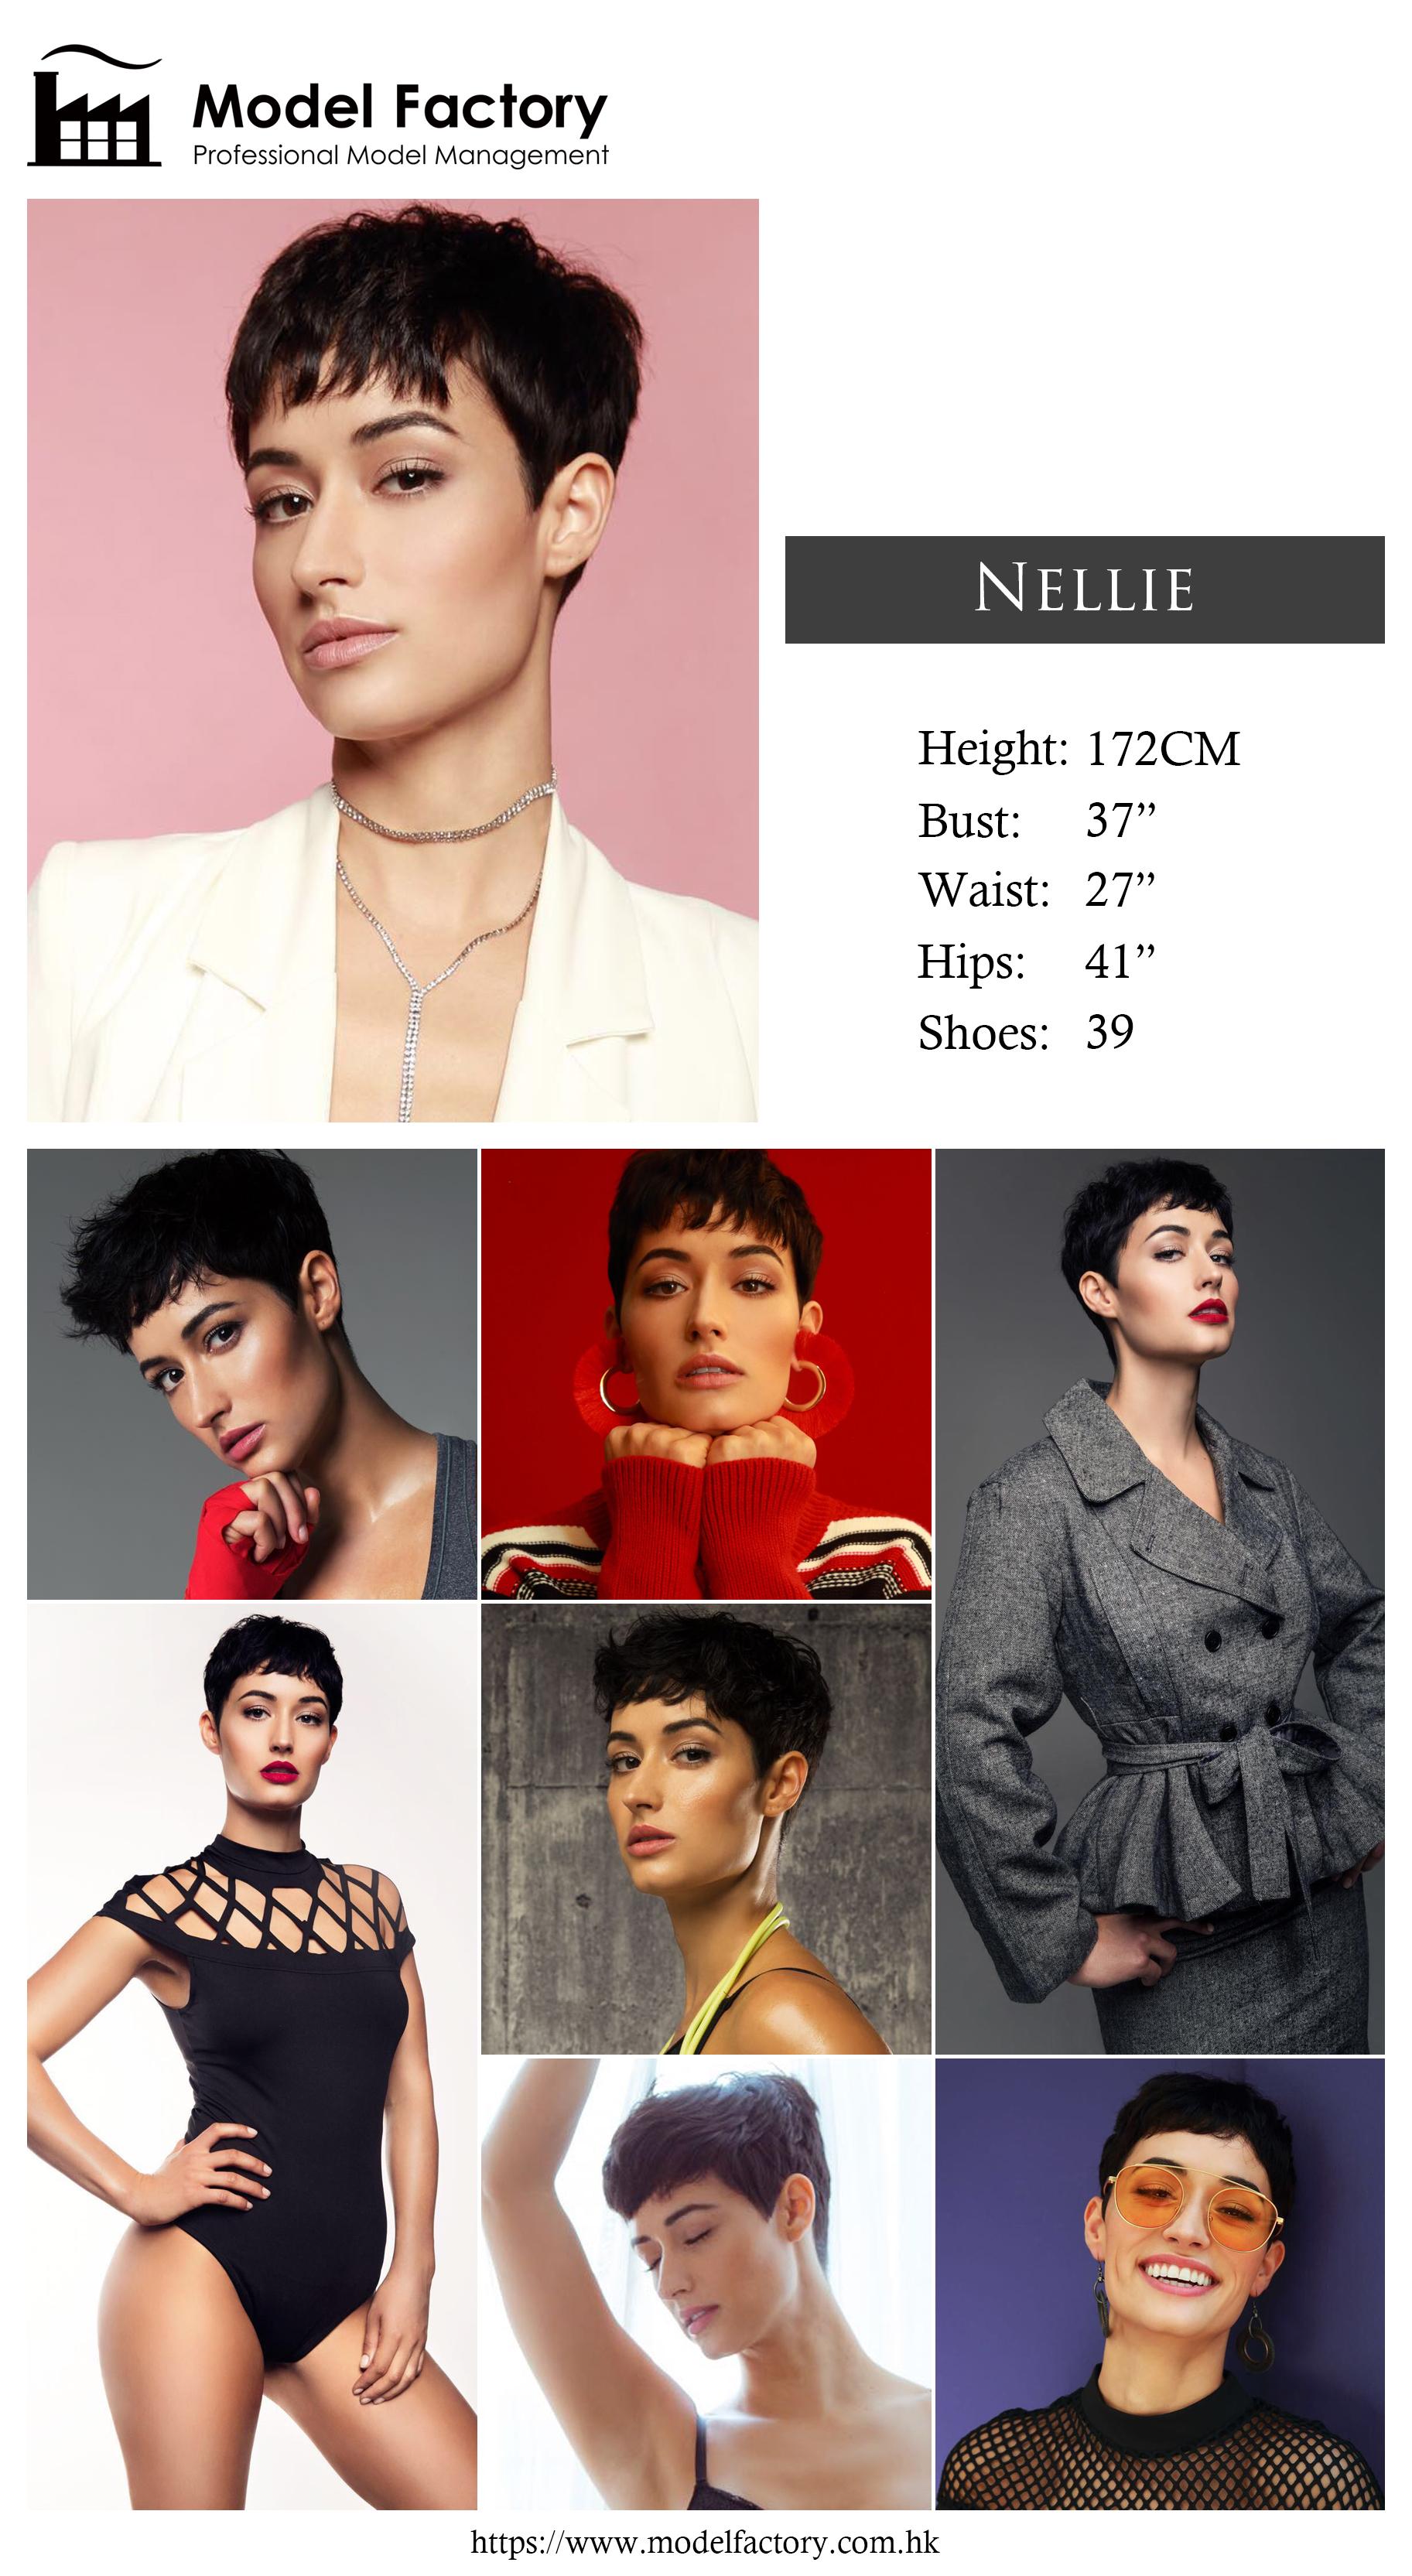 Model Factory Caucasian Female Model Nellie